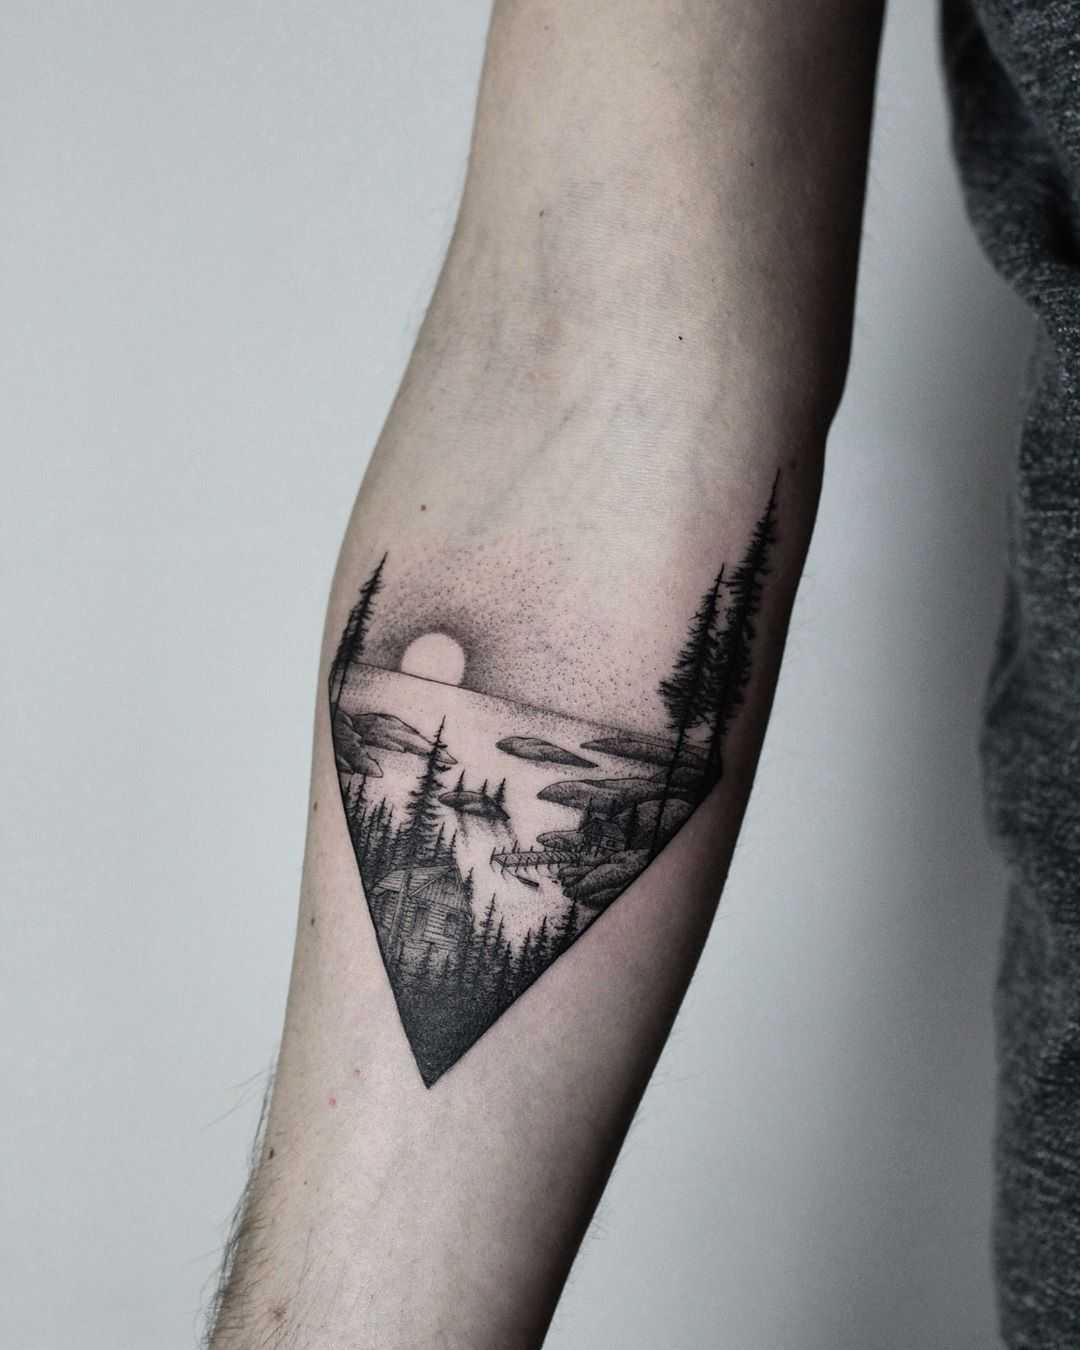 Fjord tattoo by tattooist Spence @zz tattoo